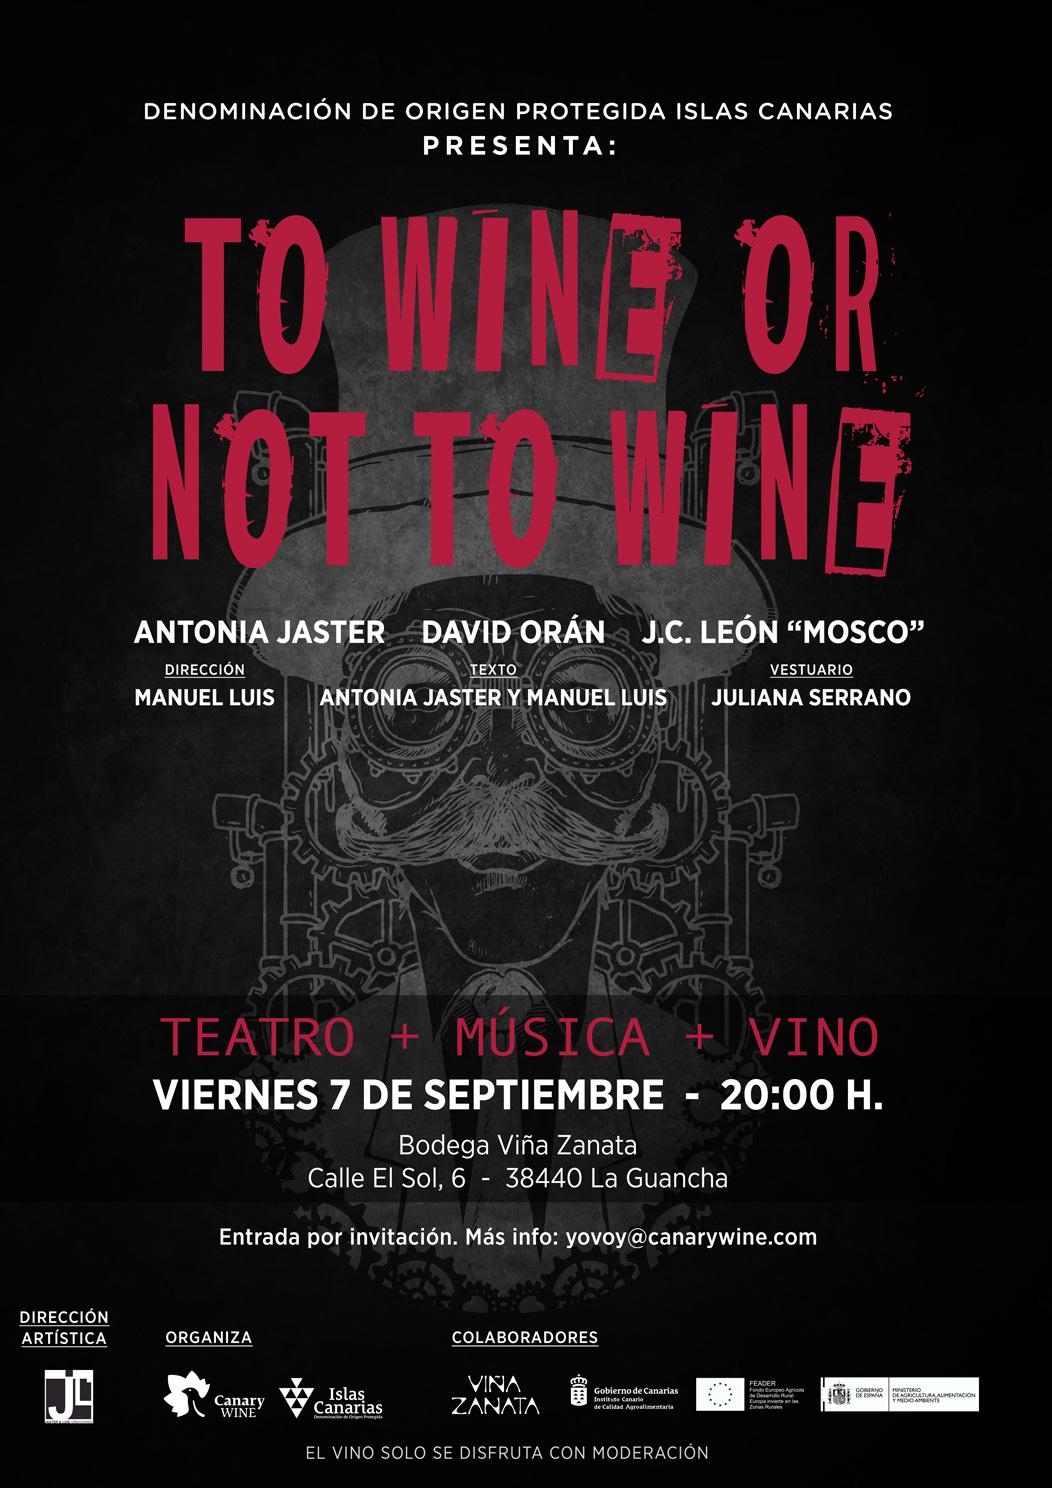 Shakespeare reaparecerá en La Guancha en busca del Canary Wine